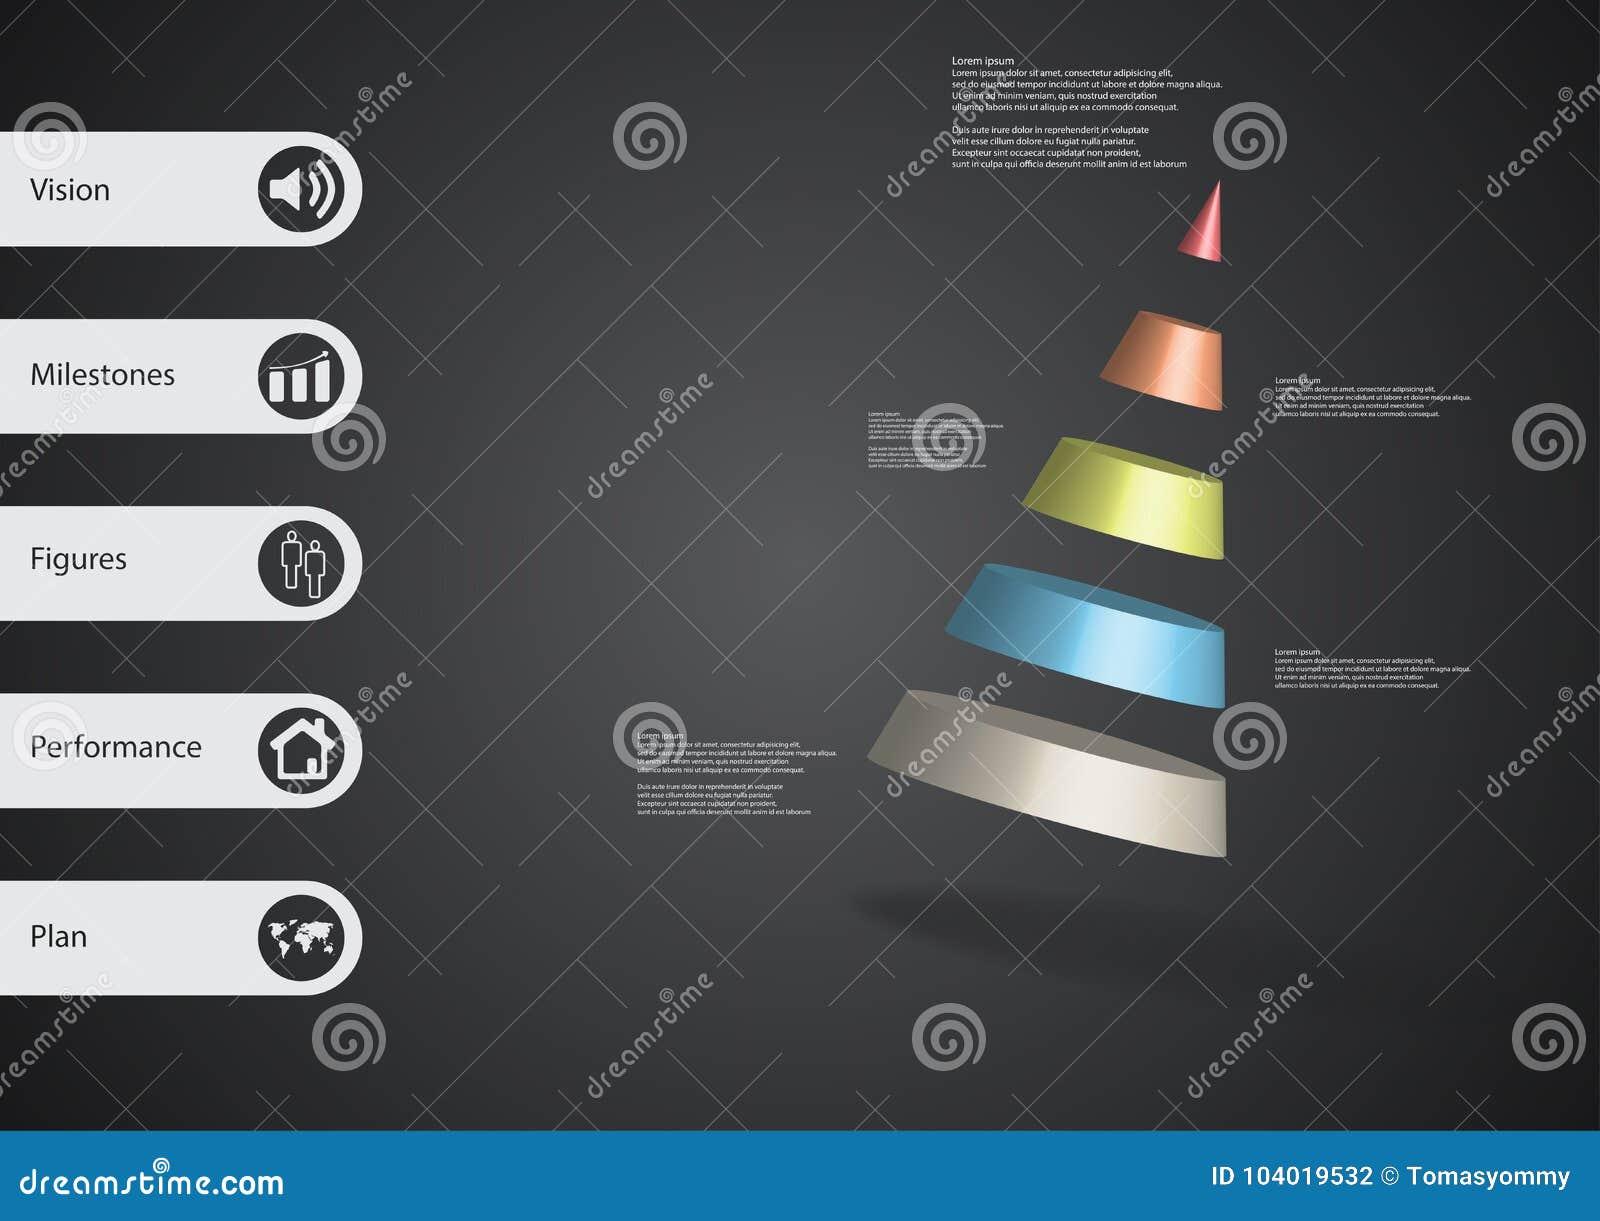 Molde infographic da ilustração 3D com o cone dividido a cinco porções oblíquo arranjado